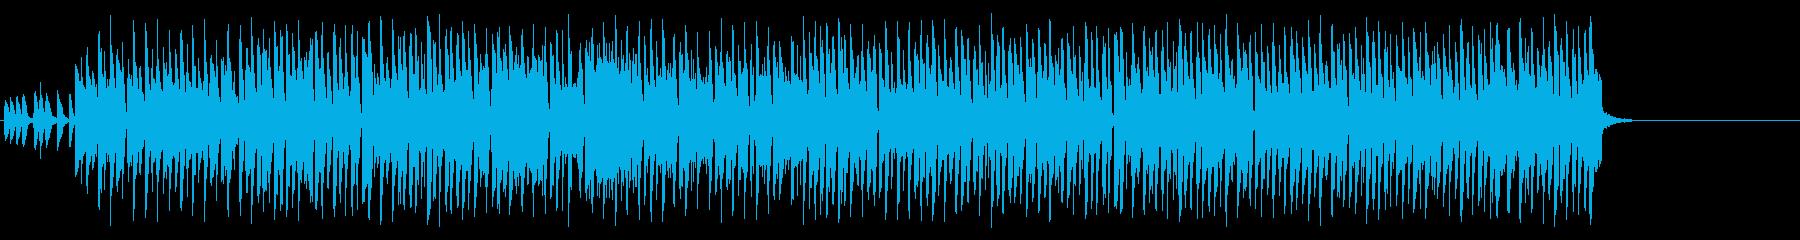 元気一杯の活動的なポップ/ラテンの再生済みの波形